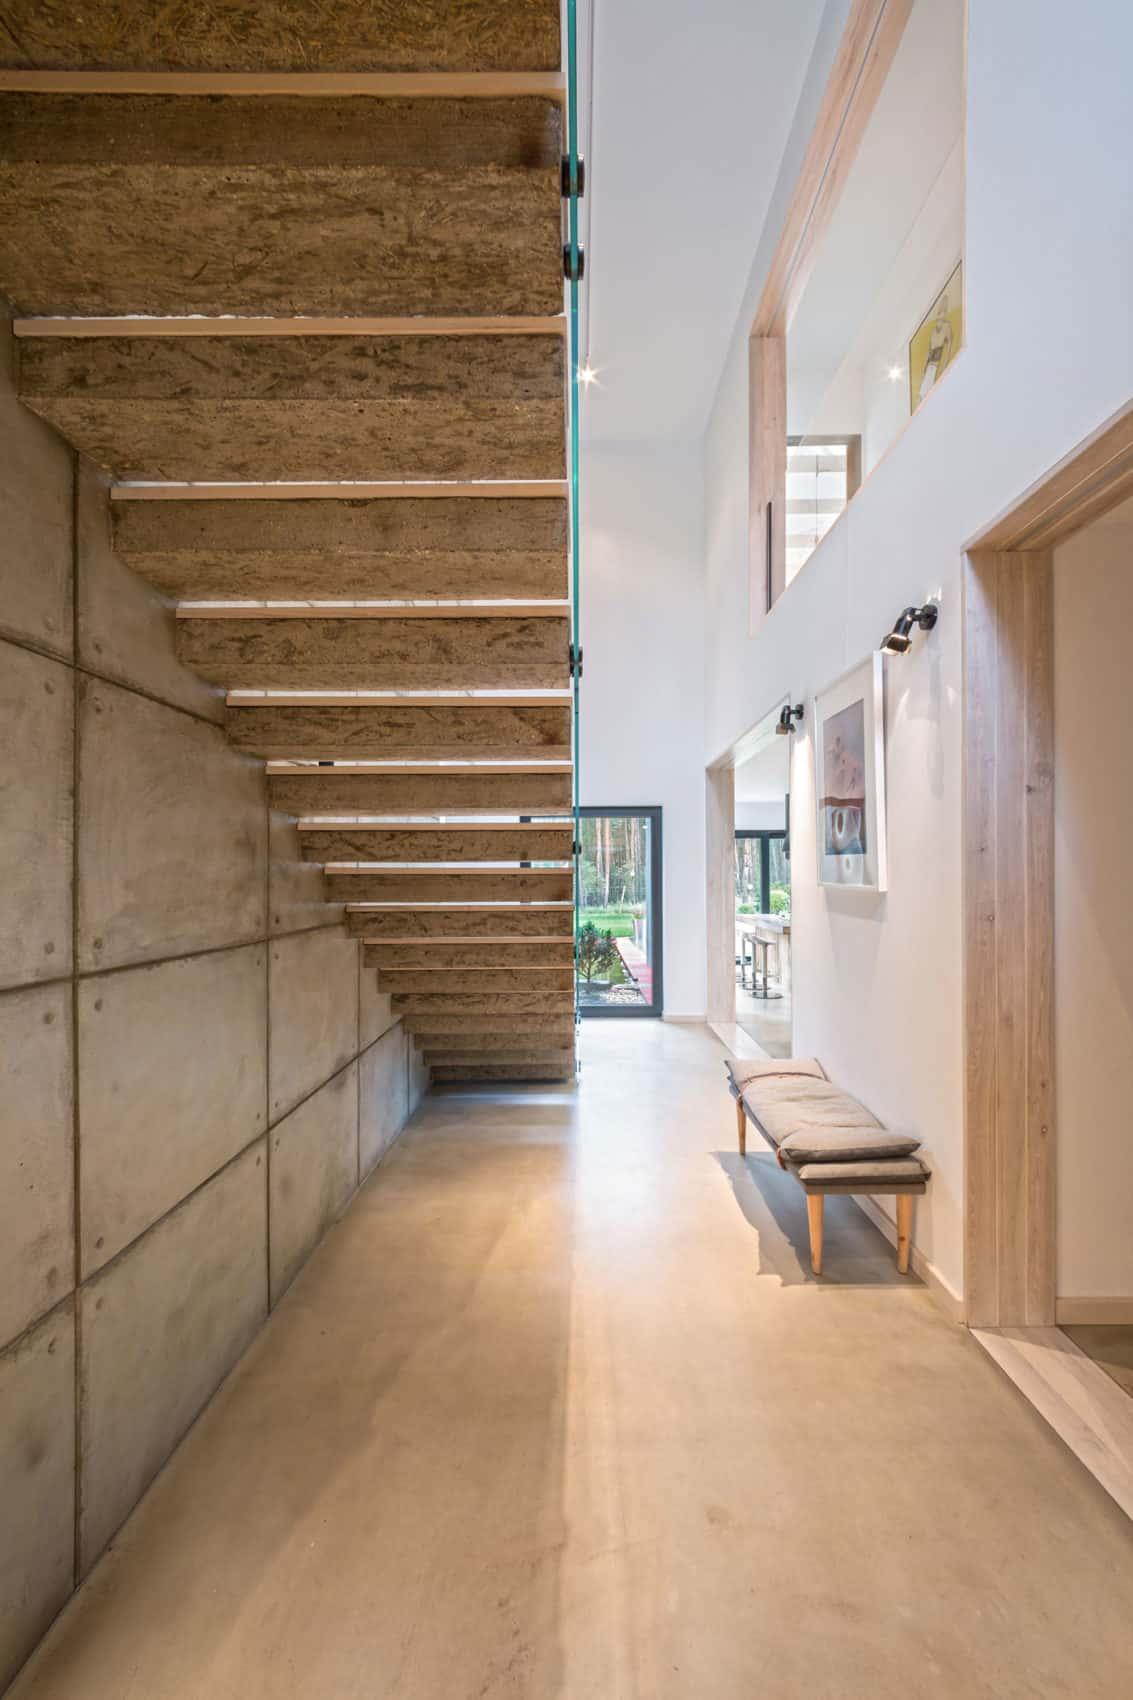 Fence House by mode:lina architekci (22)